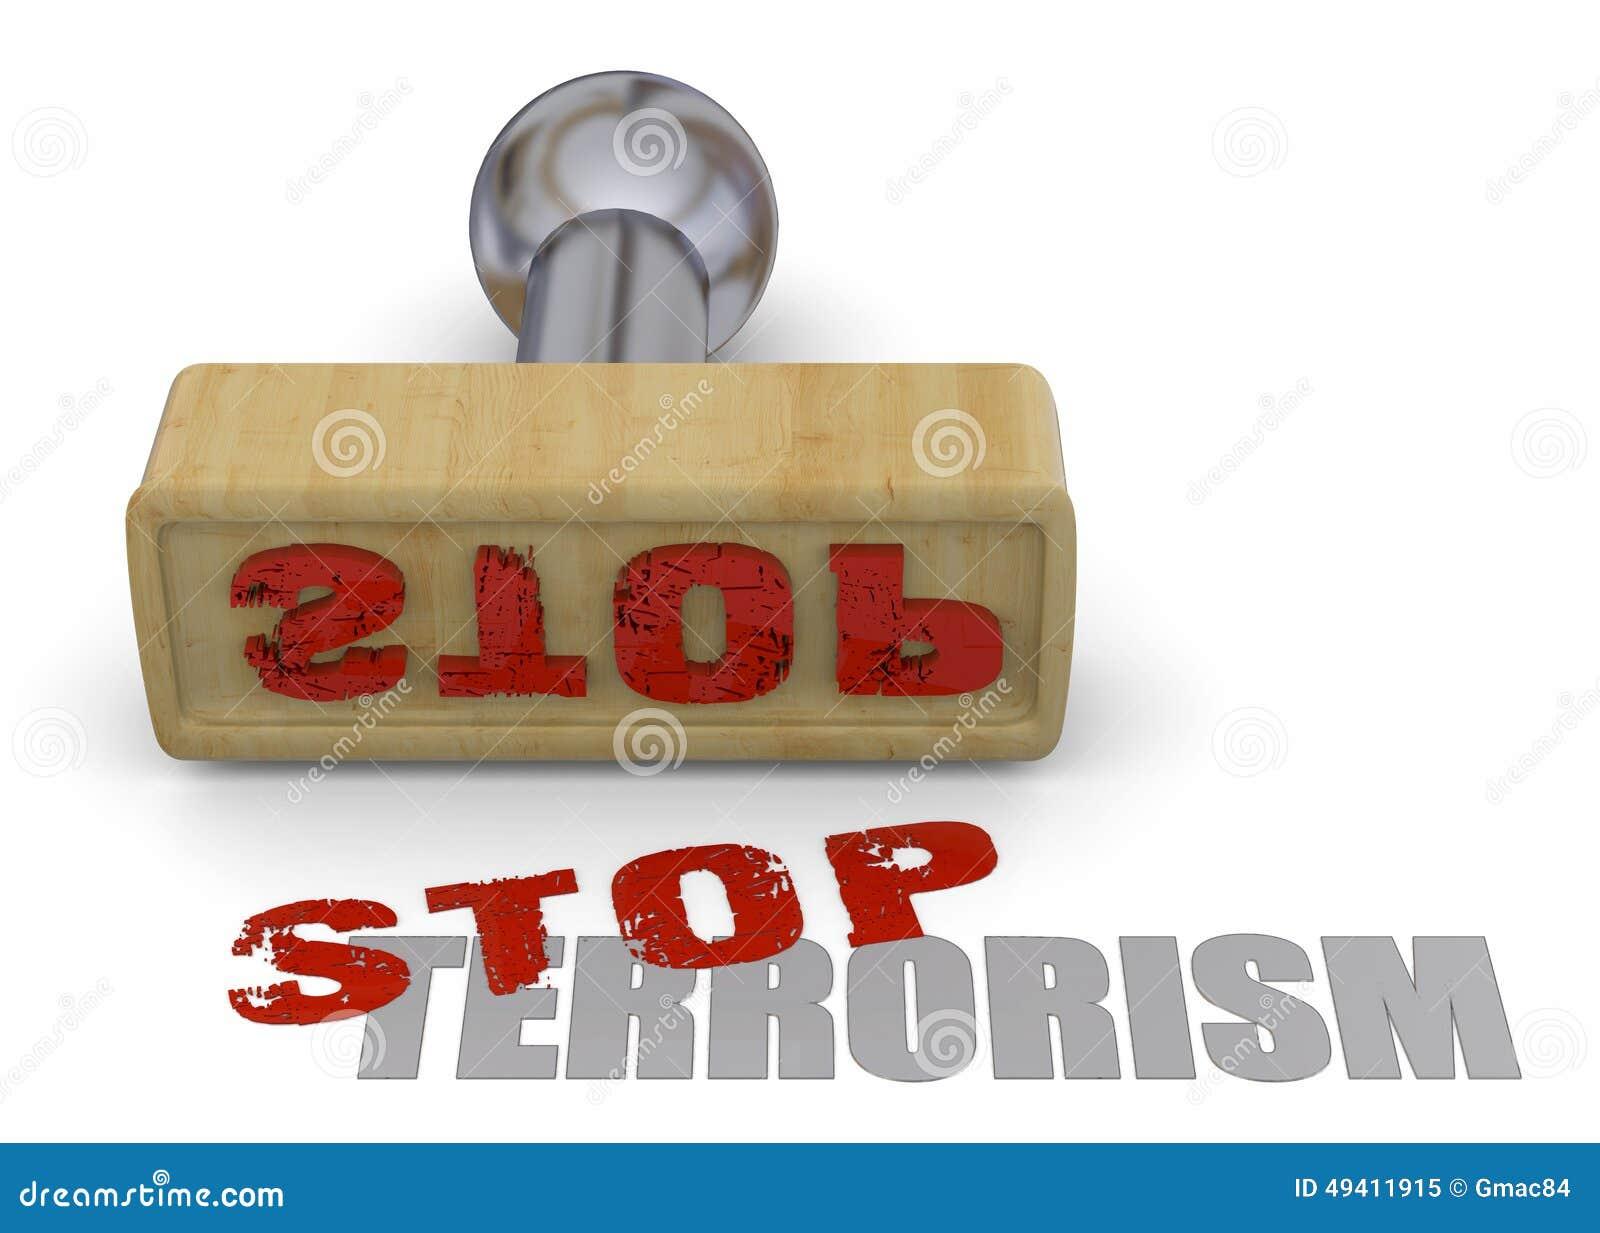 Download Stempel-Endterrorismus - 3D Stock Abbildung - Illustration von steuerknüppel, anhalten: 49411915